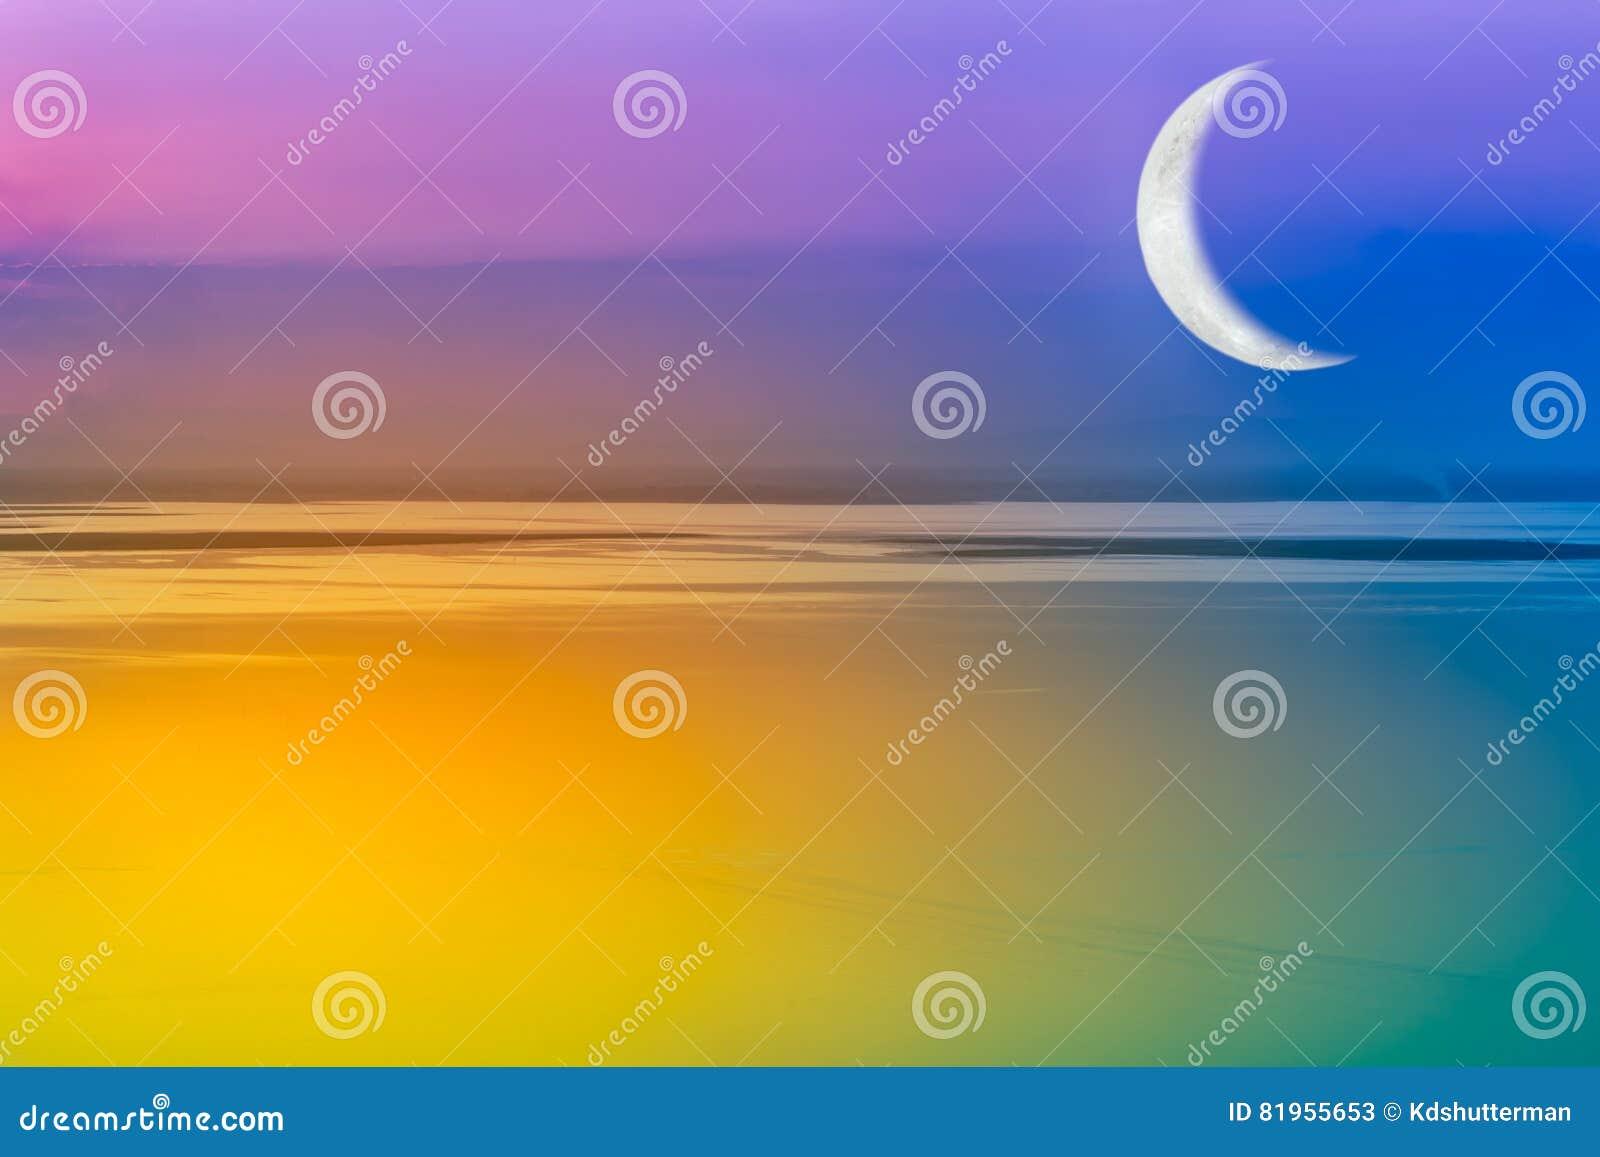 Maan toenemende en kleurrijke hemel outdoors